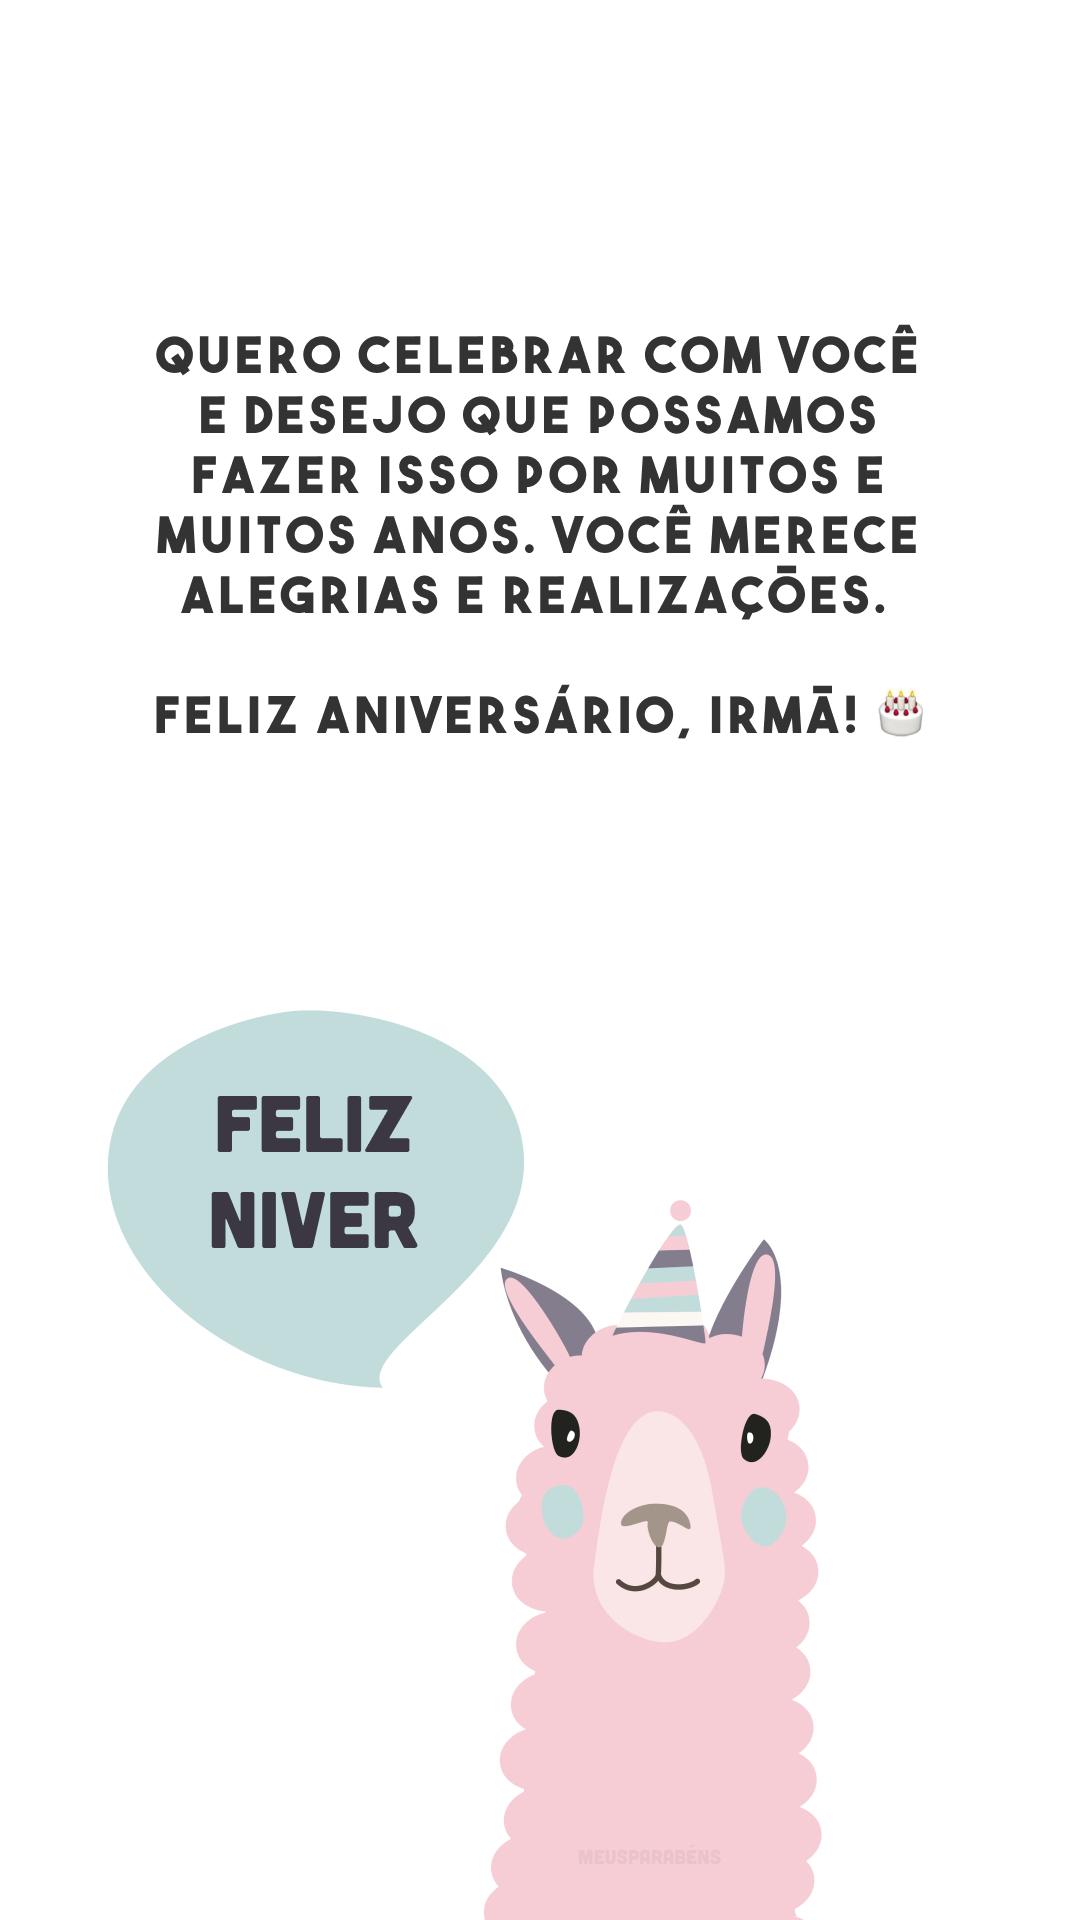 Quero celebrar com você e desejo que possamos fazer isso por muitos e muitos anos. Você merece alegrias e realizações. Feliz aniversário, irmã! 🎂